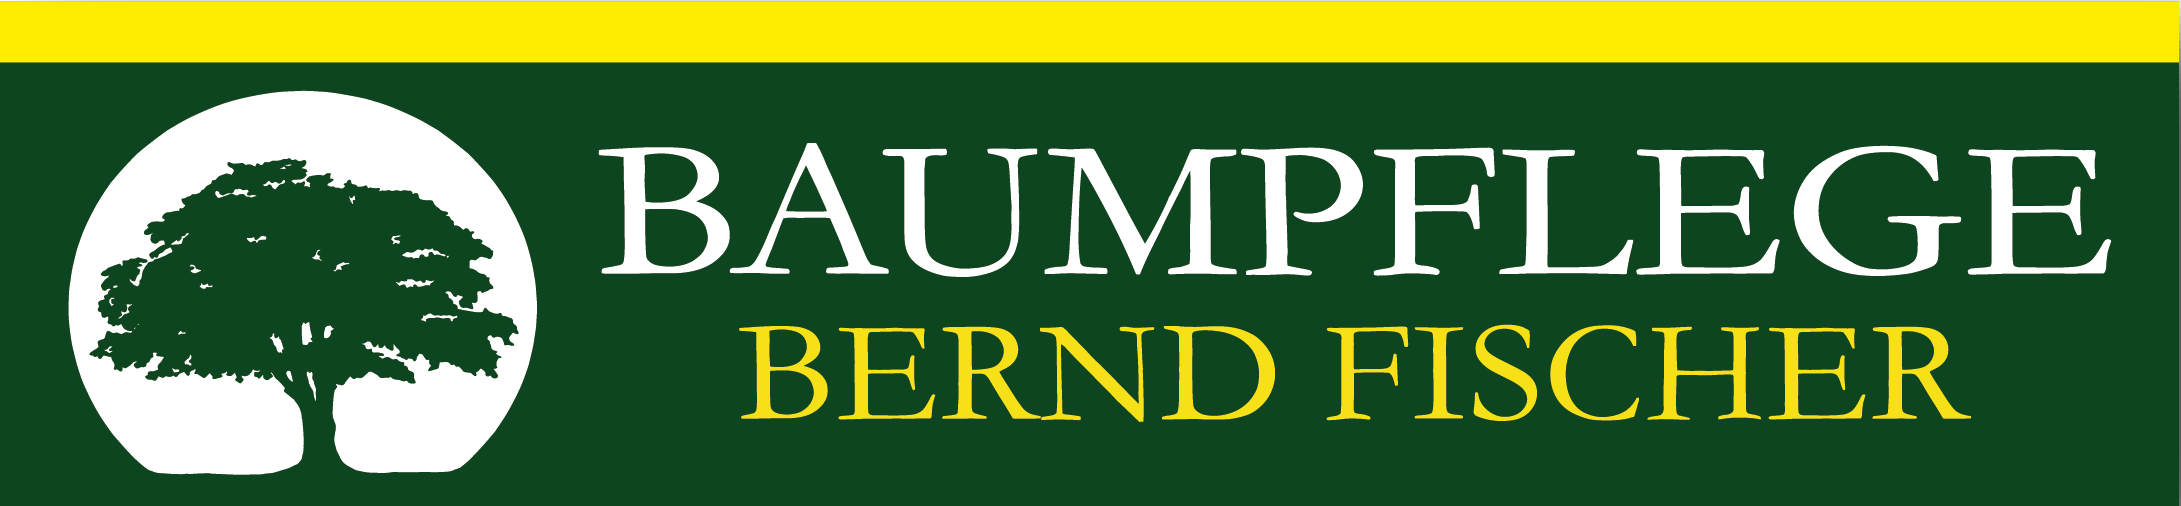 berndfischer-logo-2021